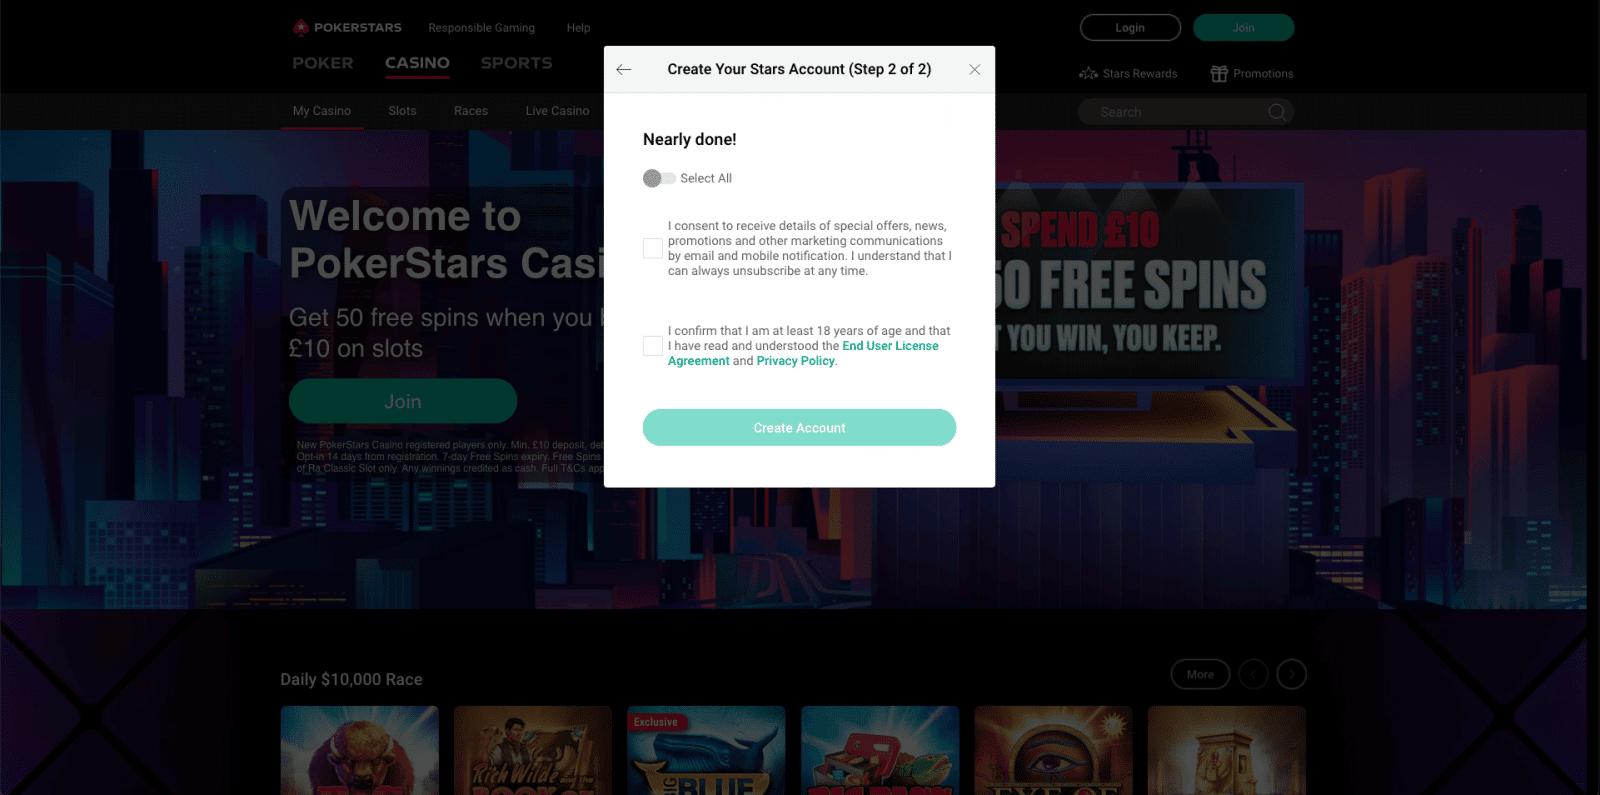 PokerStars Casino Sign Up 3